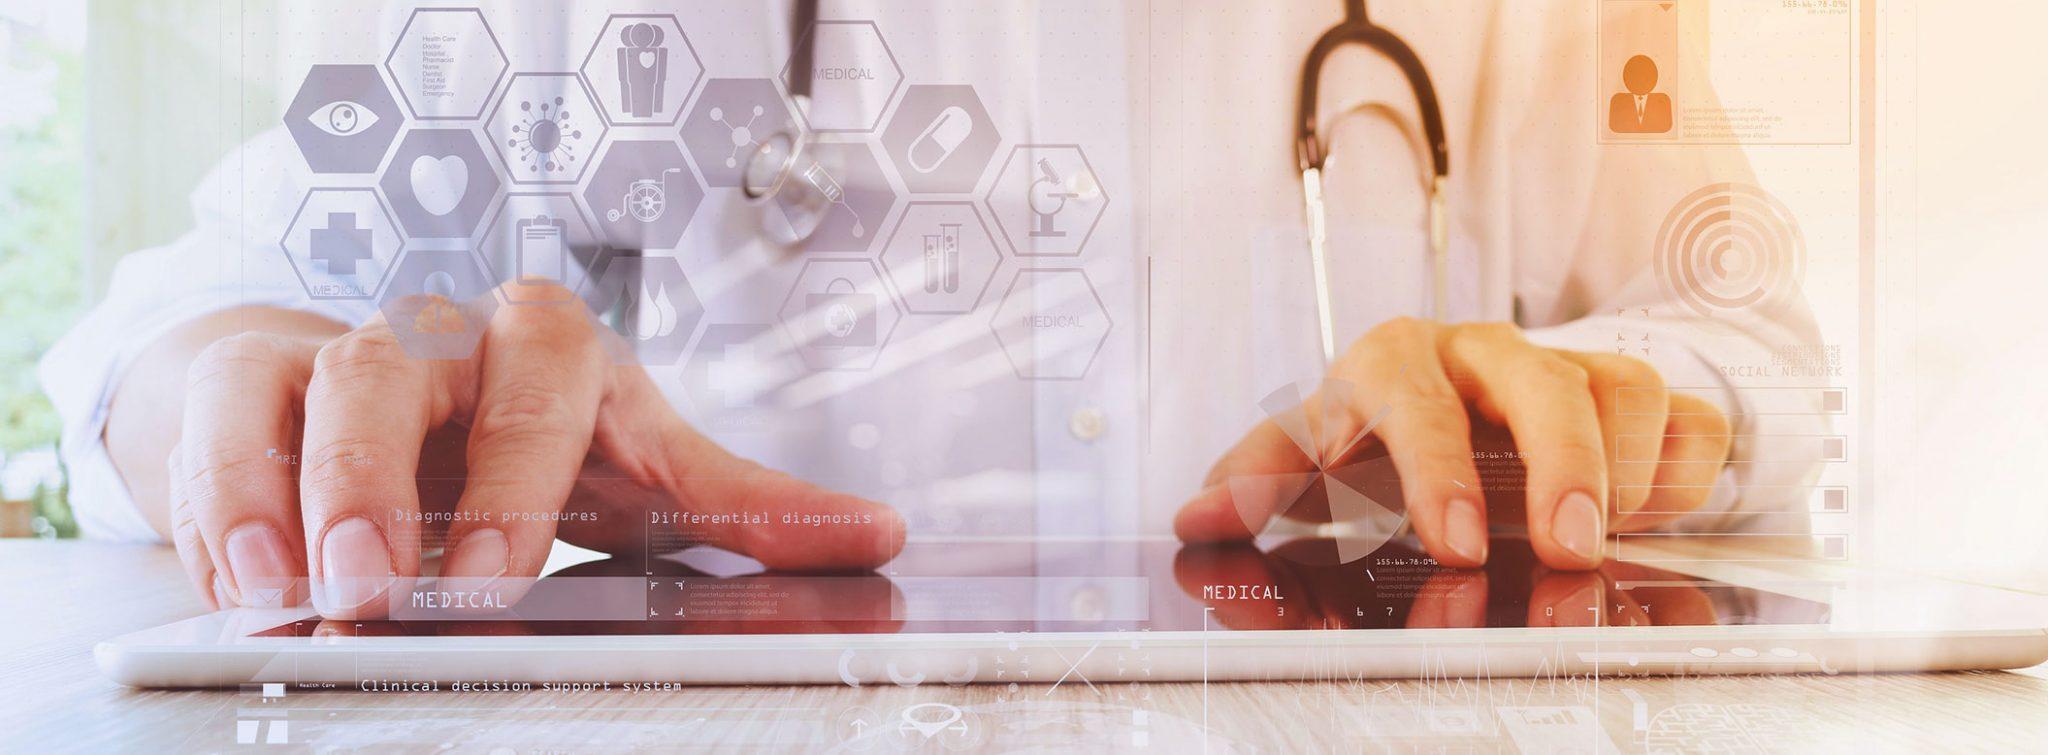 Avaliação preditiva na saúde: como machine learning pode ser um aliado na gestão hospitalar